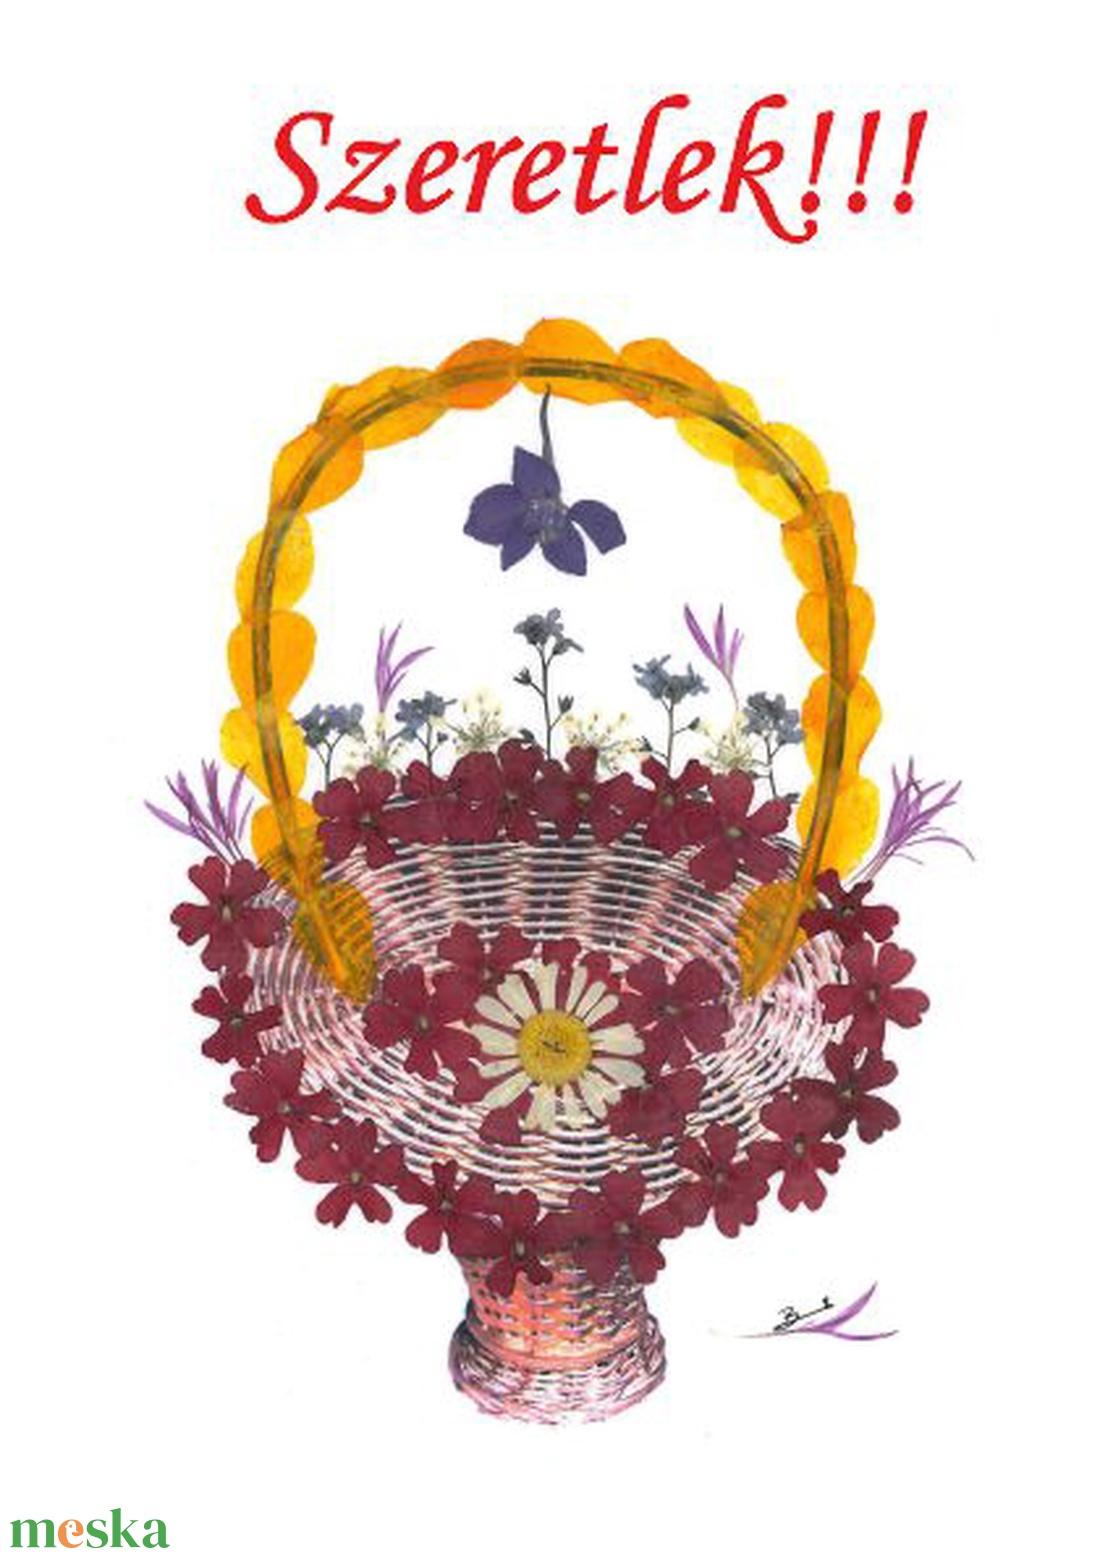 10 db Üdvözlőlap Szeretlek felirattal, préselt virág nyomat, szülinapi jókivánság, ajándék,  - Meska.hu